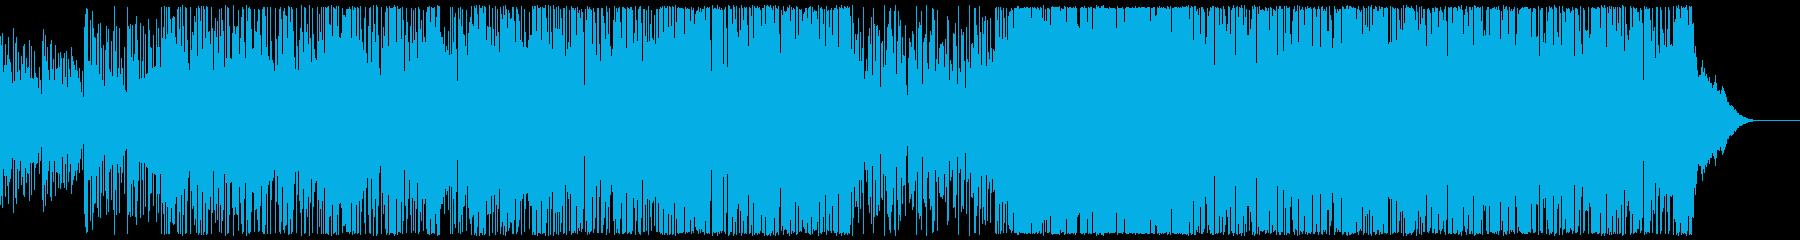 ファンキーなテクノポップ。の再生済みの波形